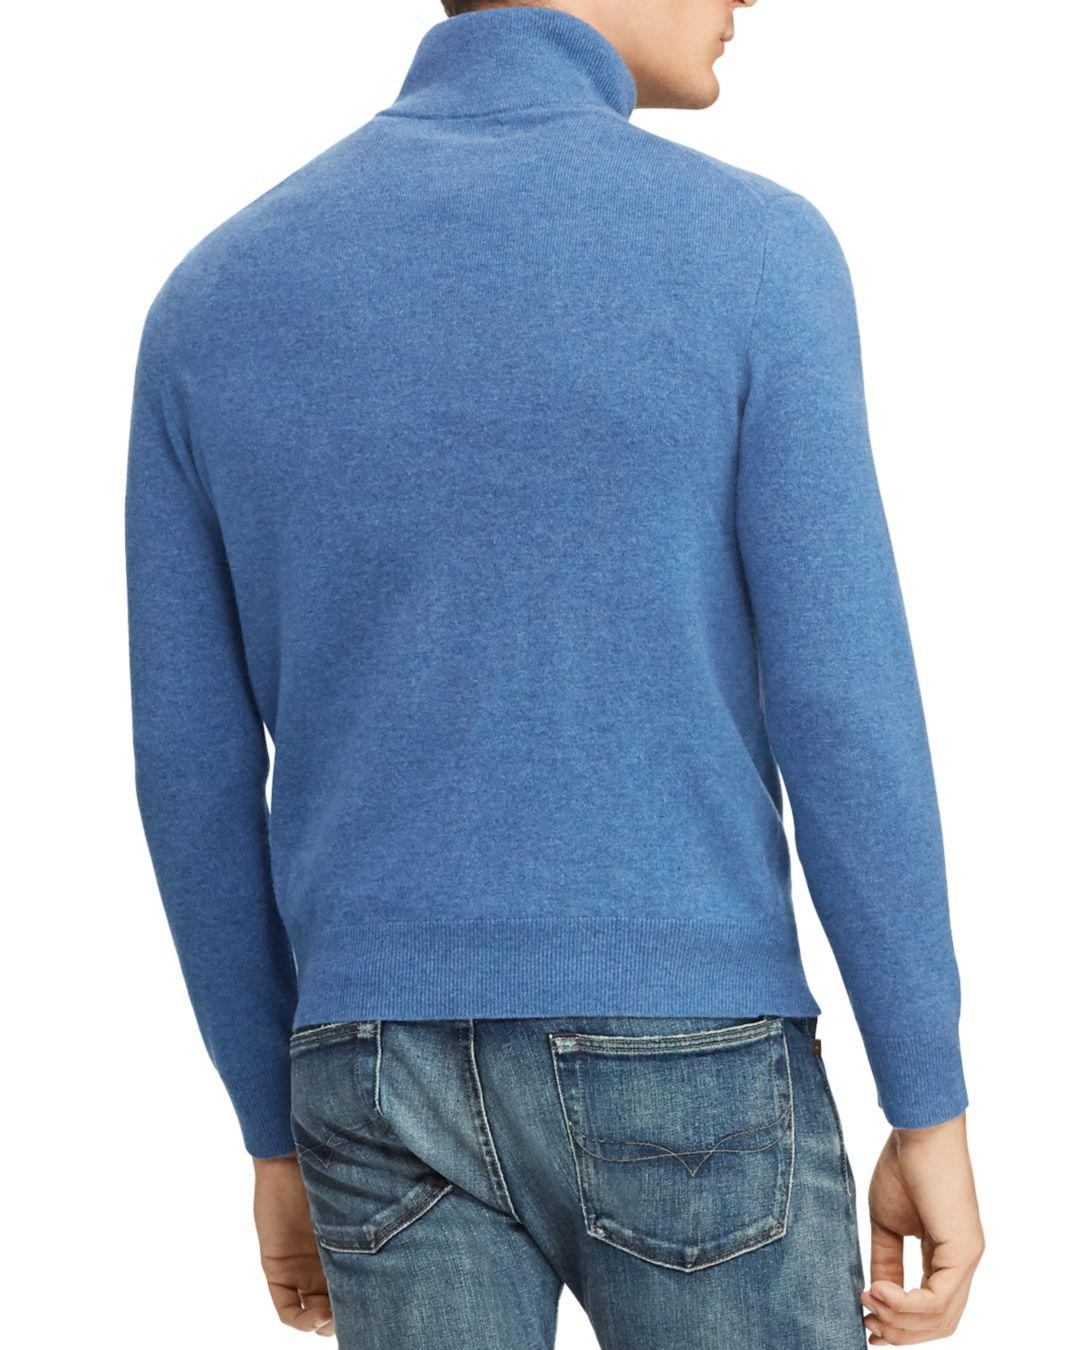 d75b4bbd128 Lyst - Polo Ralph Lauren Merino Wool Half-zip Sweater in Blue for Men